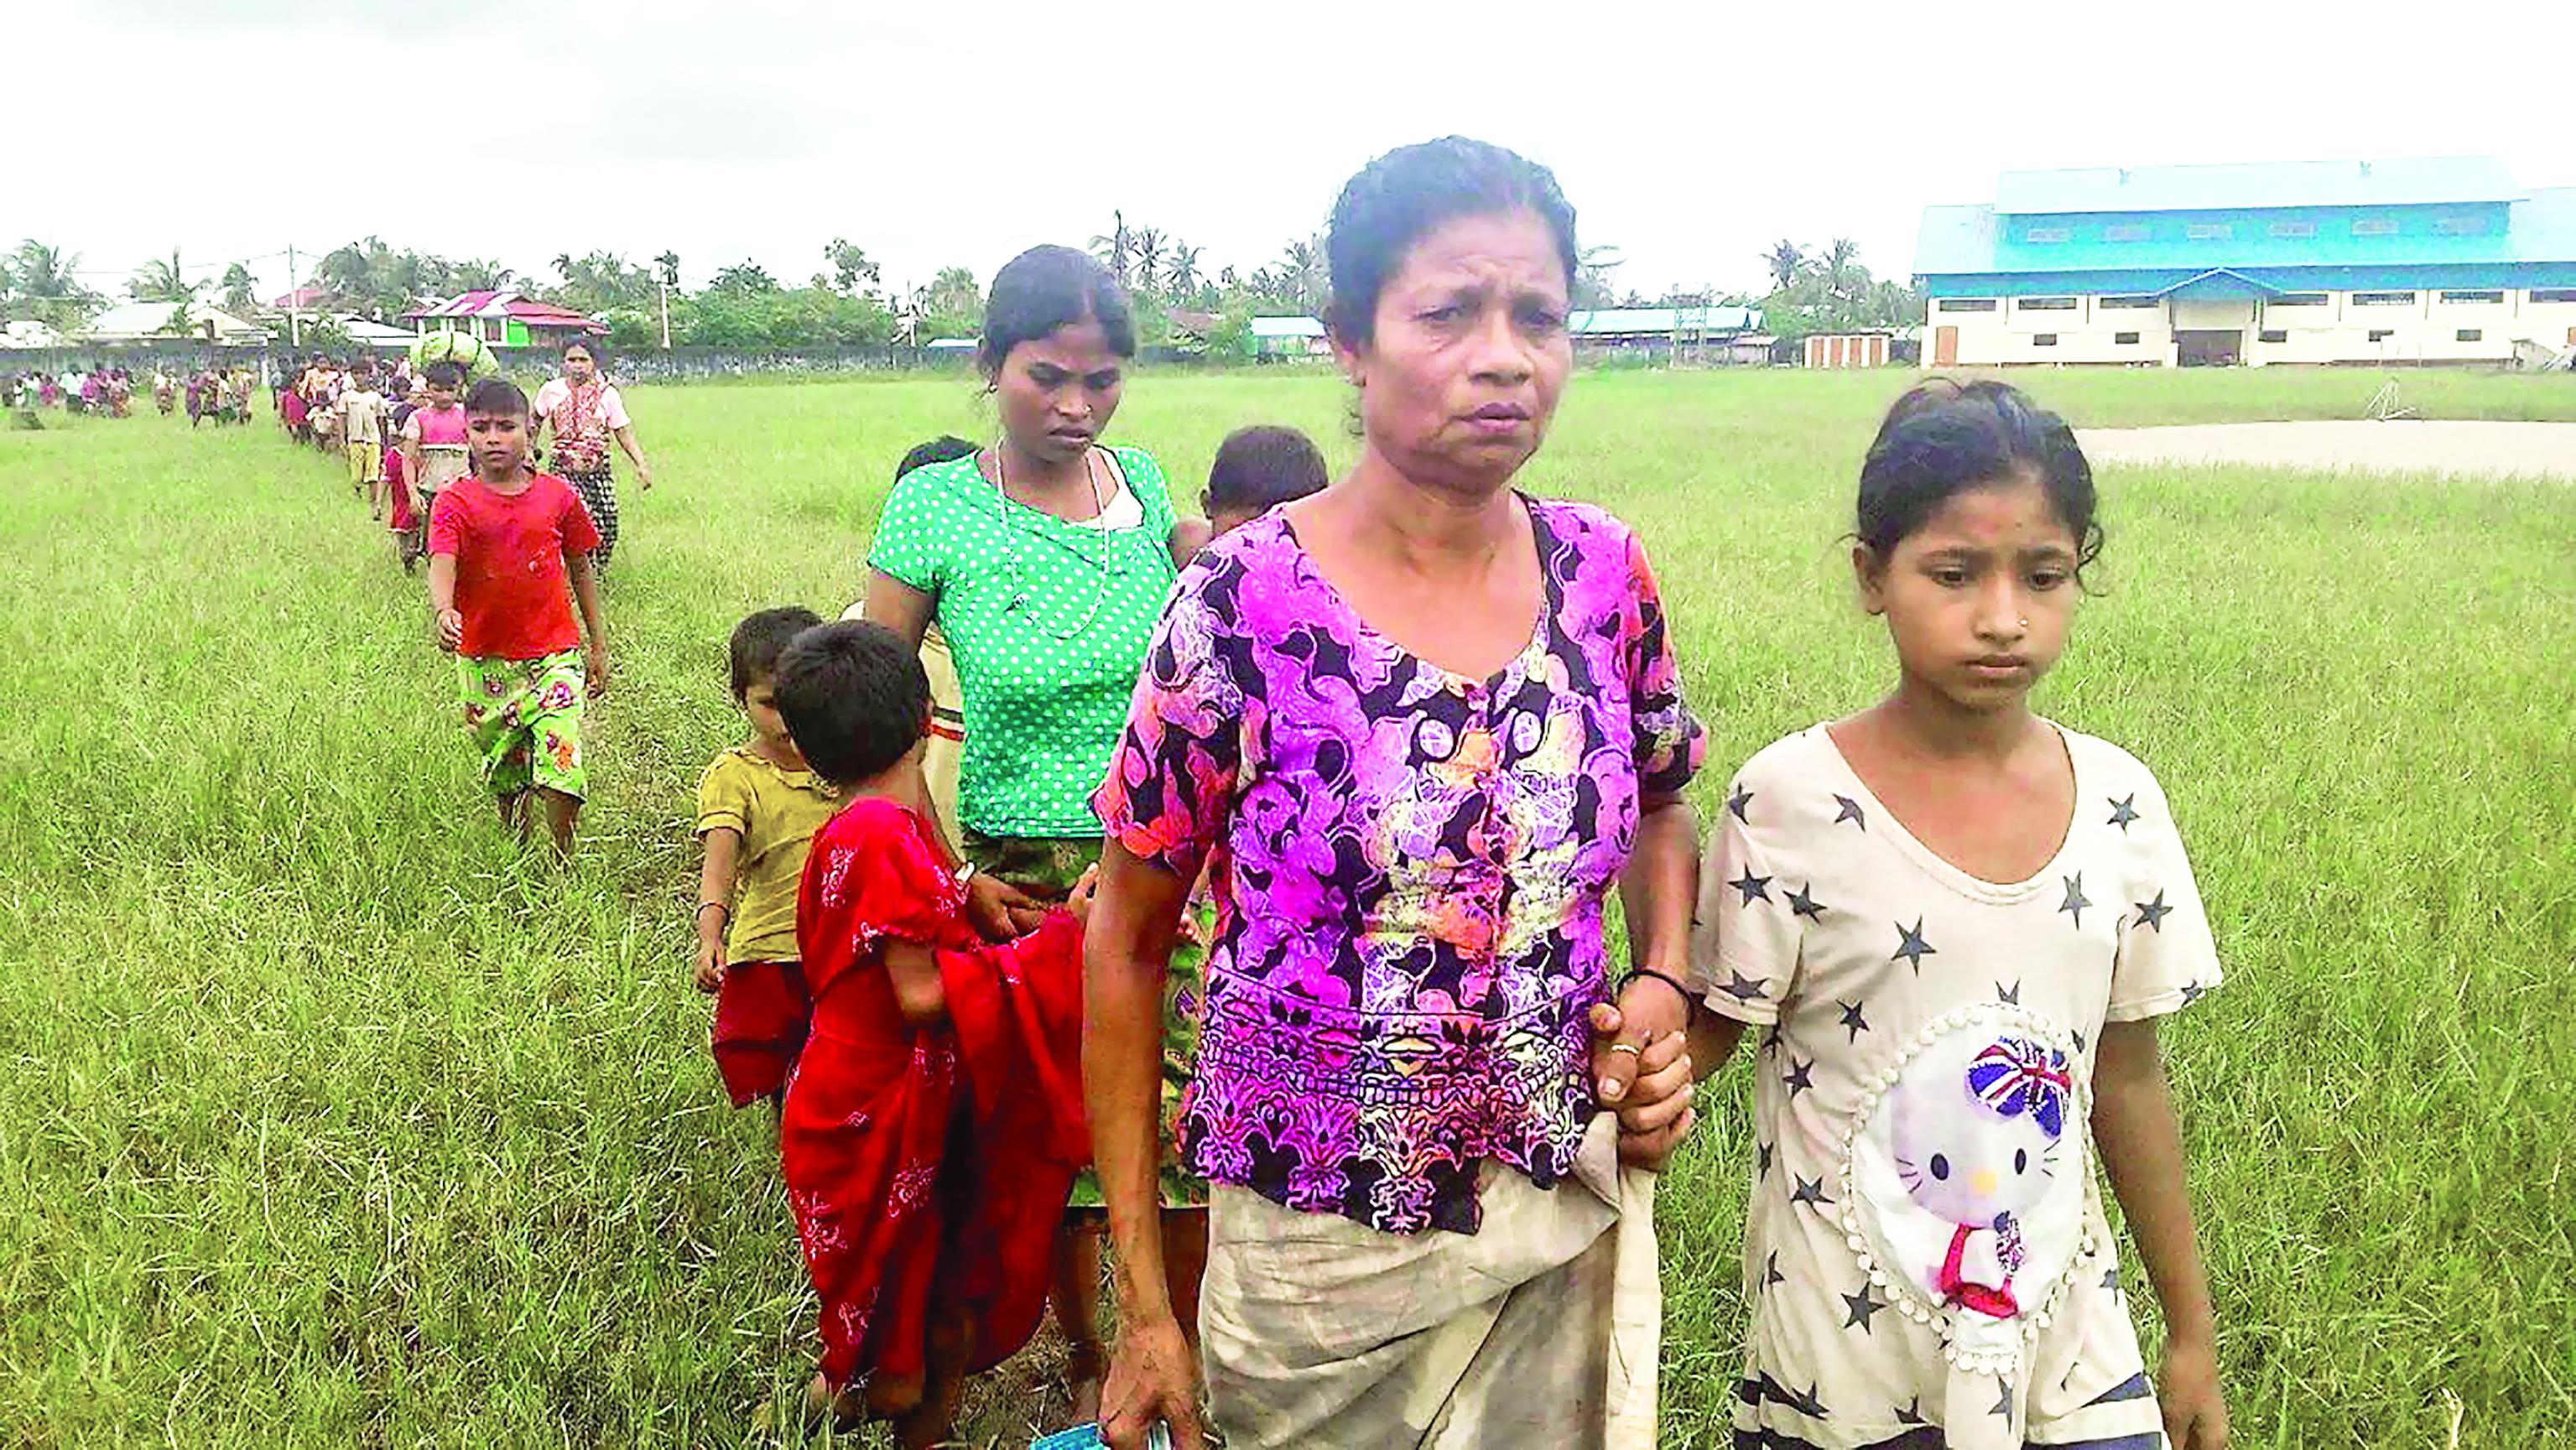 للحيلولة دون عودة الروهينجا الذين فروا من العنف ميانمار تضع ألغامًا قرب الحدود مع بنجلاديش